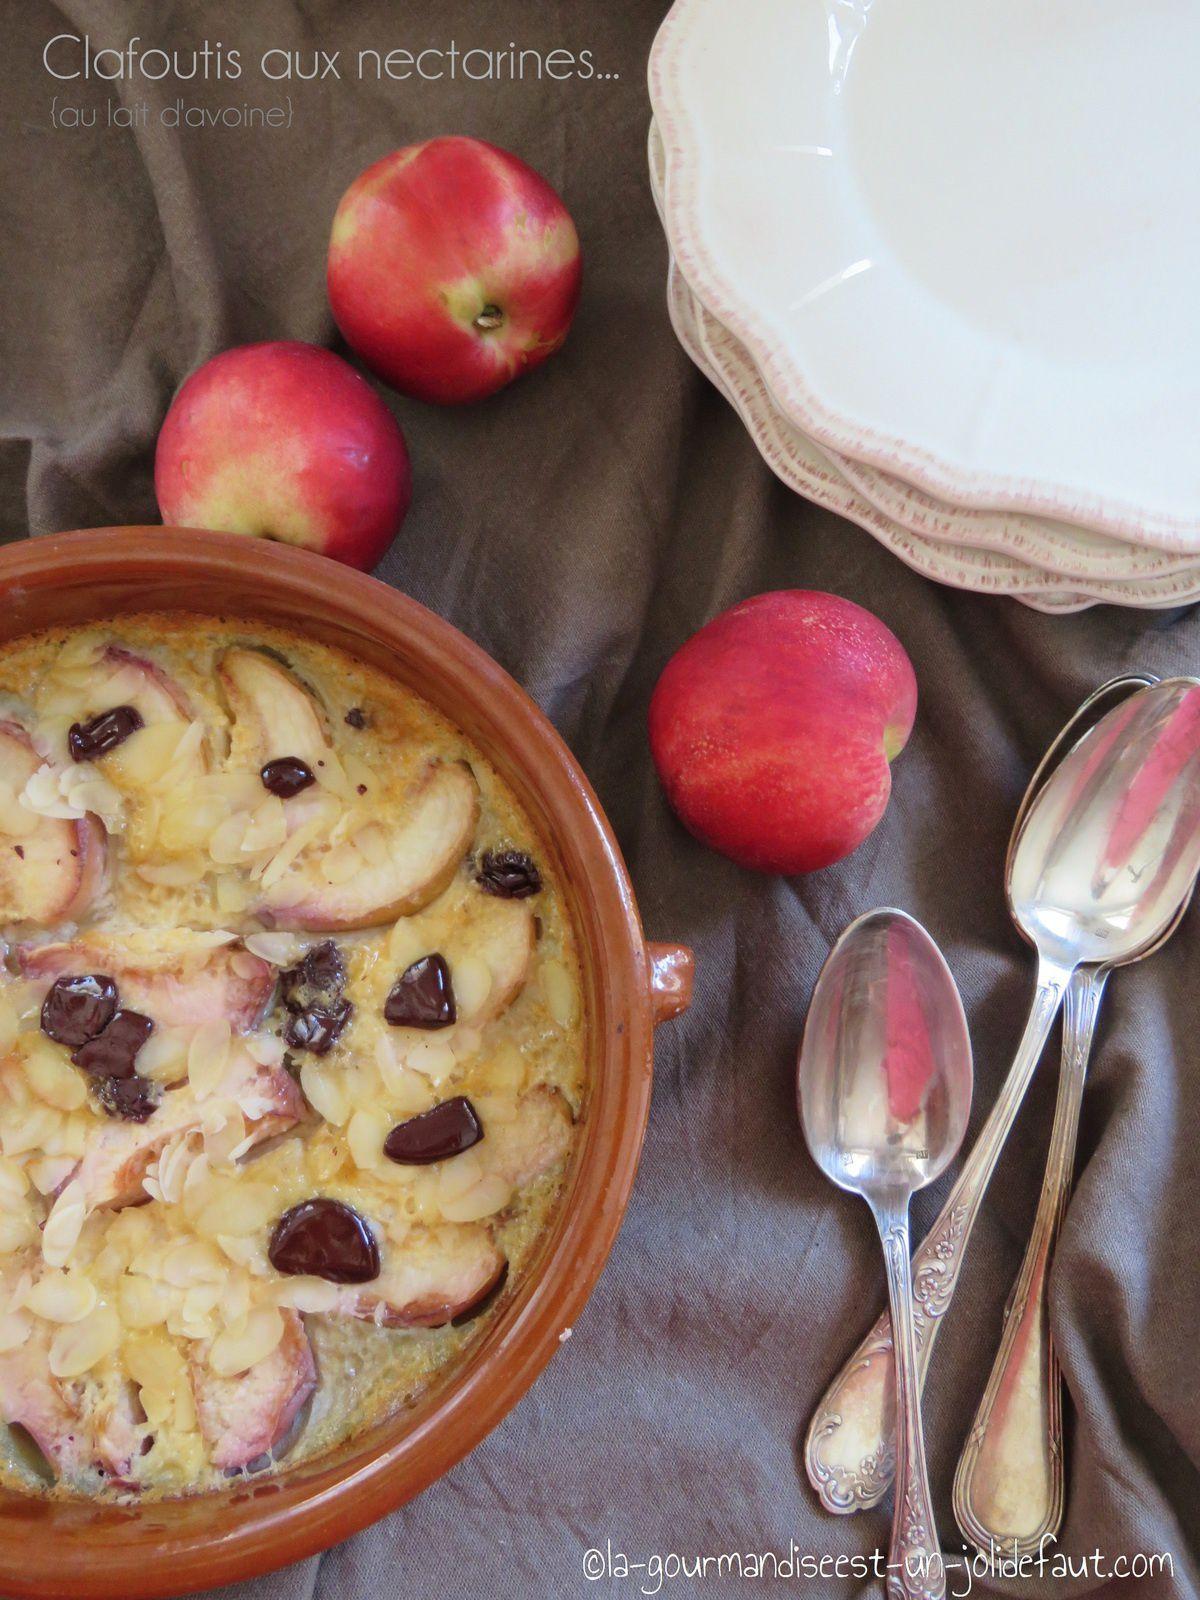 Clafoutis de nectarines aux amandes et un peu de chocolat {au lait d'avoine}